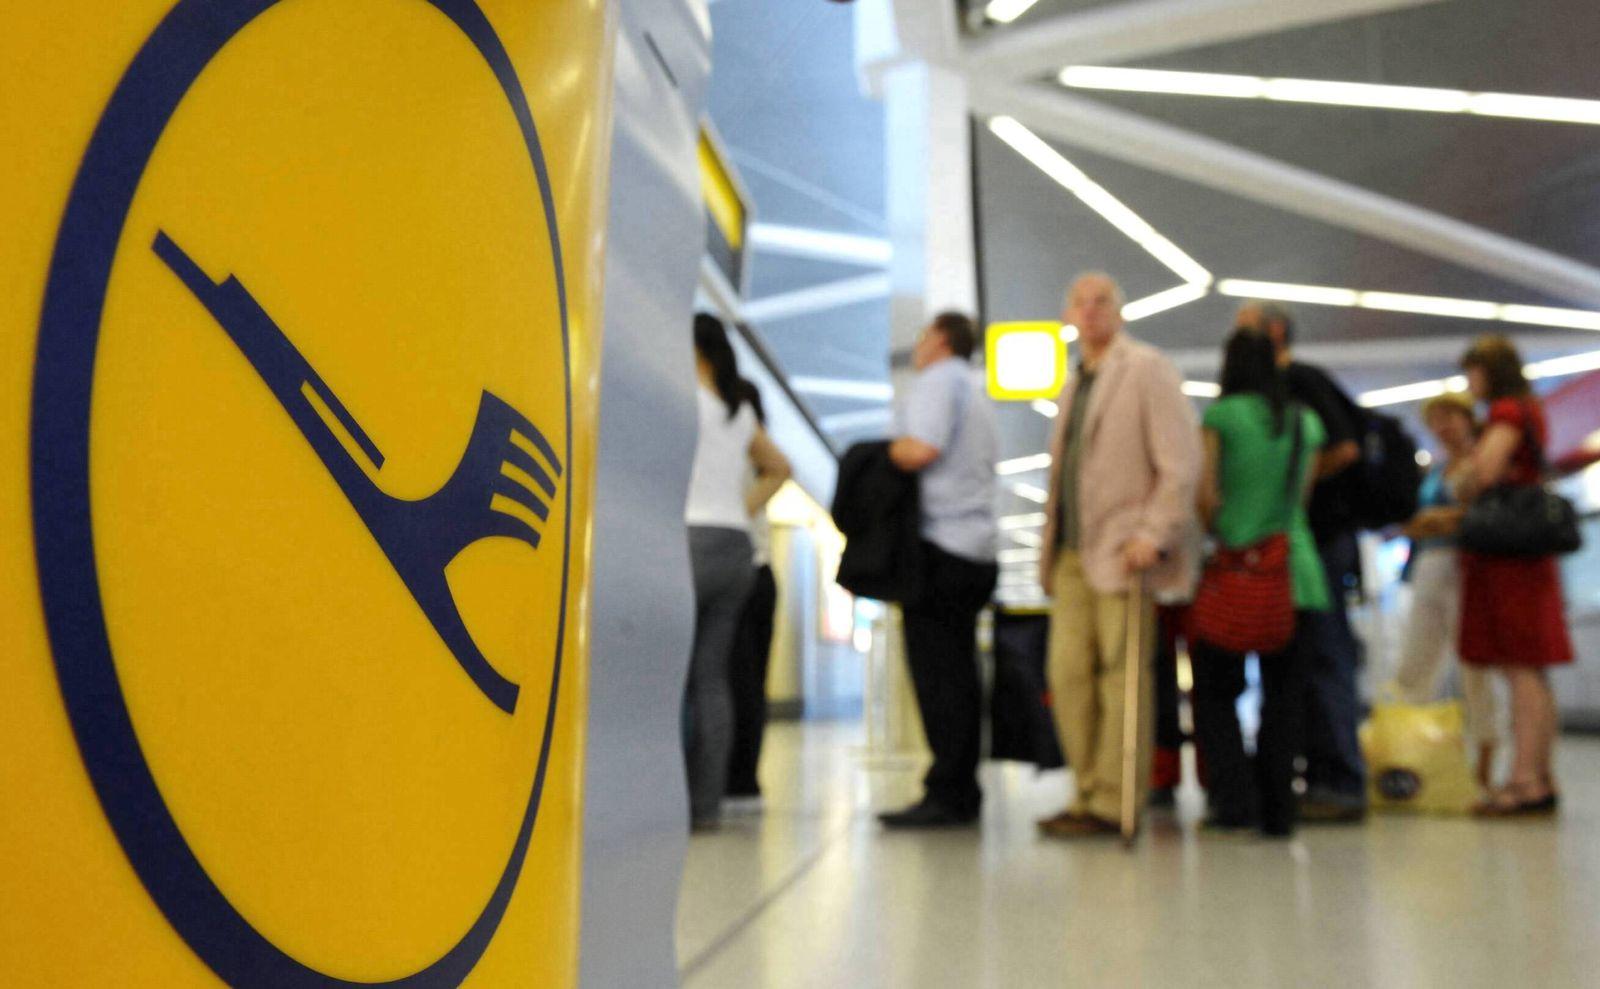 NICHT VERWENDEN Lufthansa / Logo / Warteschlange